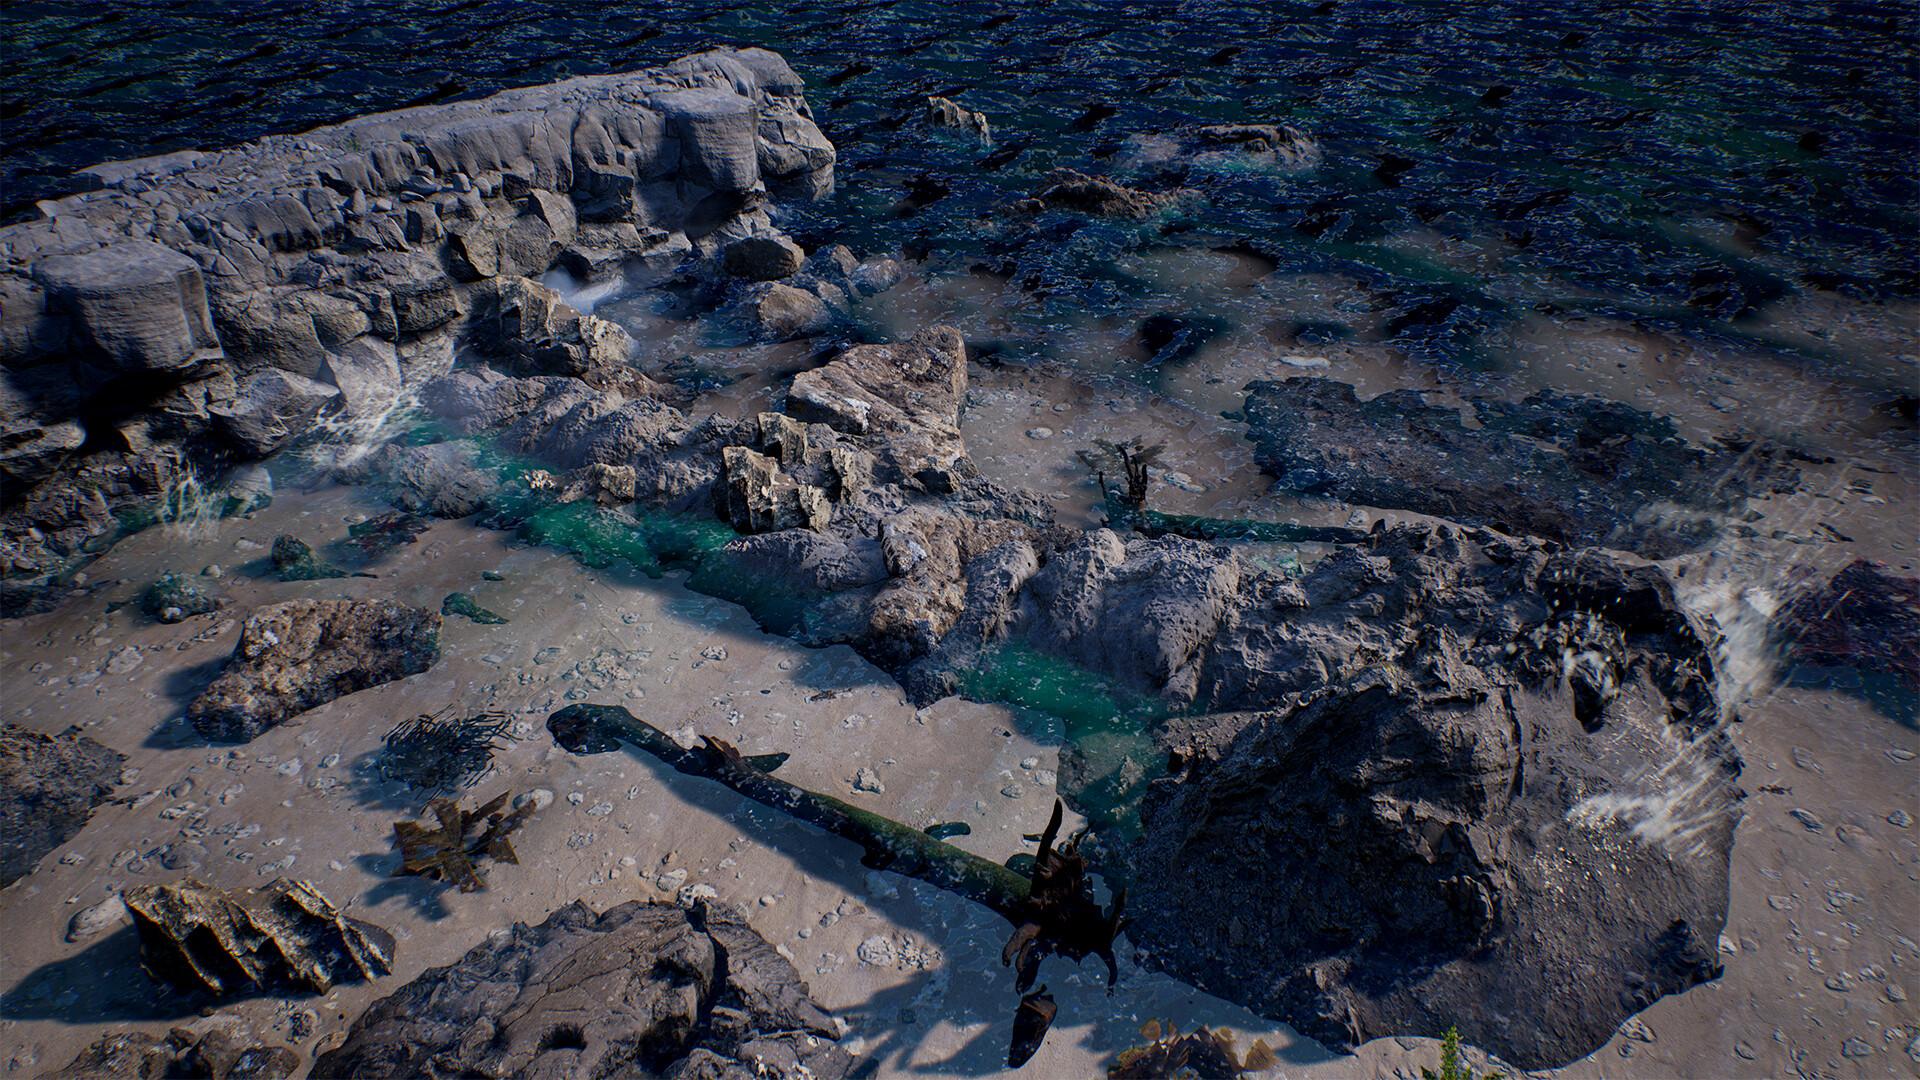 Calvin cropley calvin cropley megascan cliffside 04